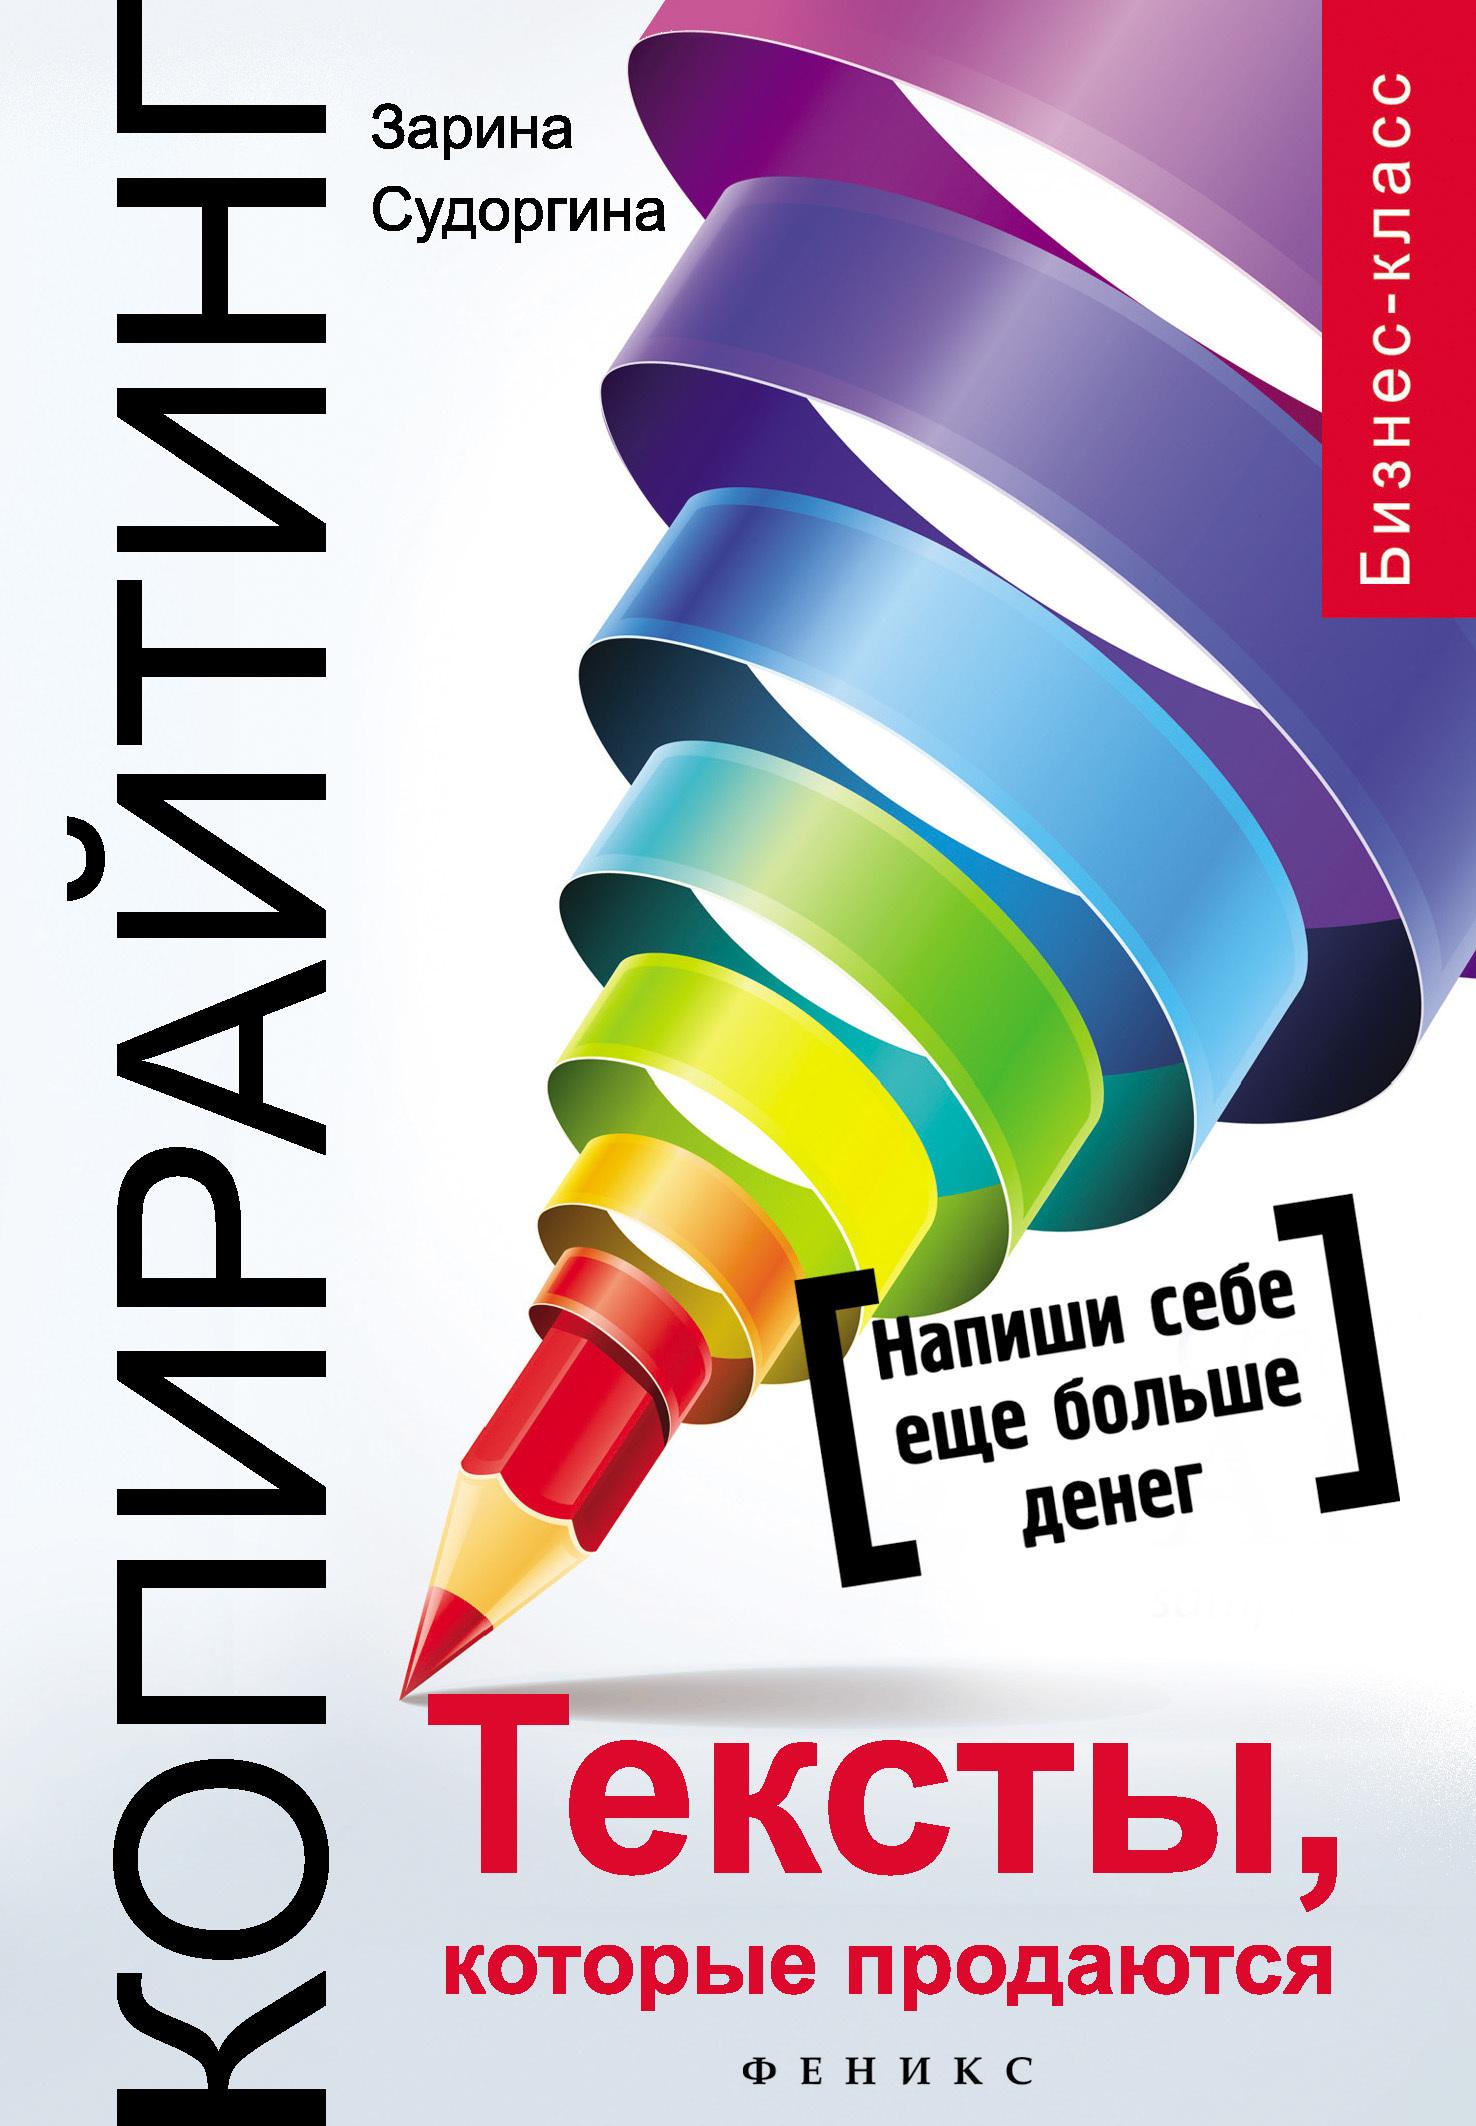 Обложка книги Копирайтинг. Тексты, которые продаются